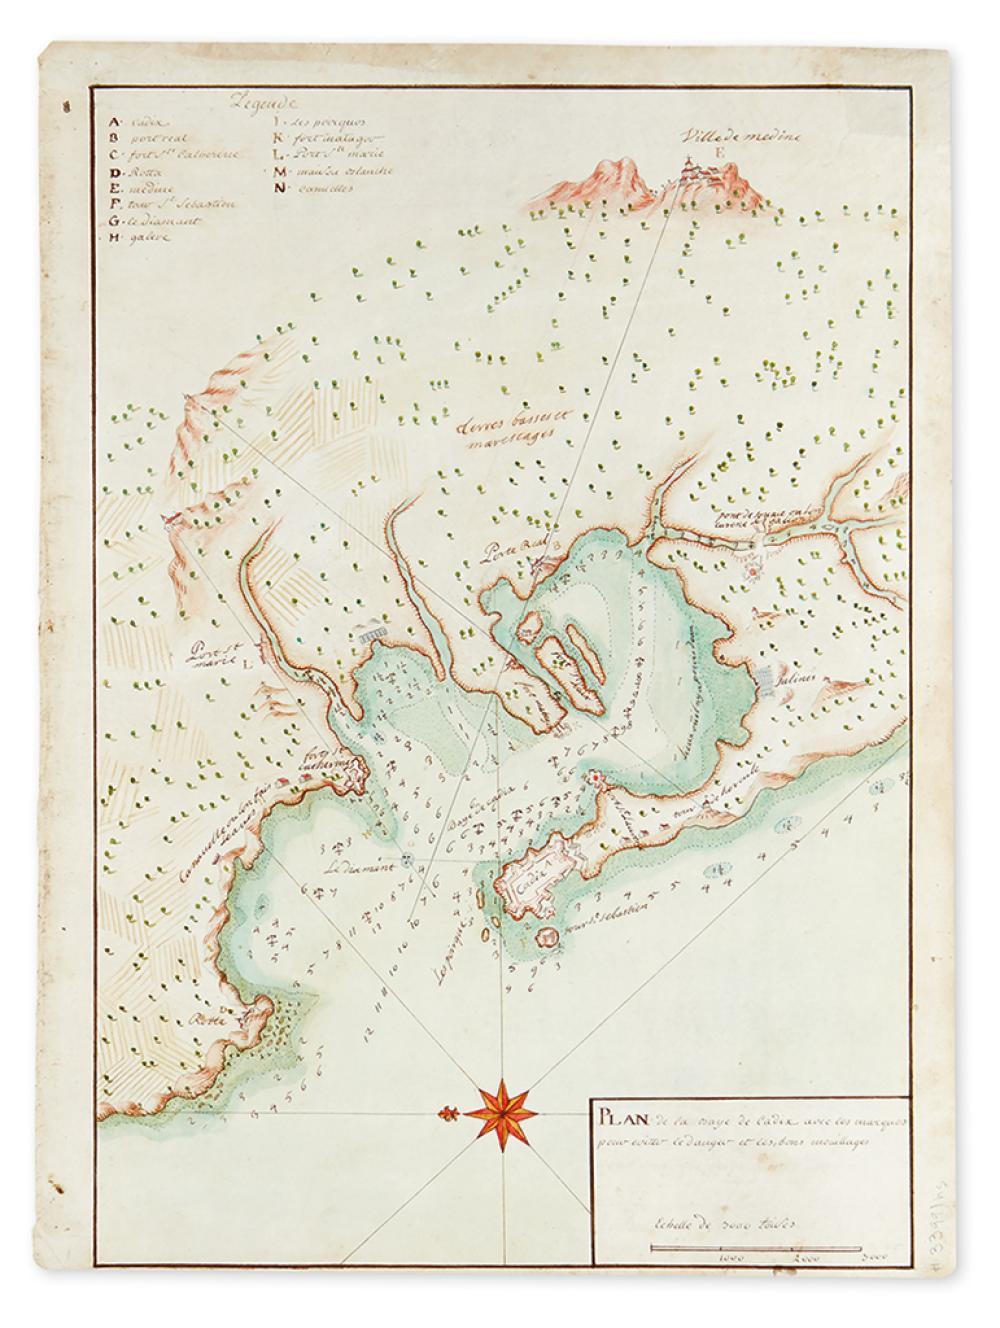 (MANUSCRIPT MAP.) Plan de la Baye de Cadiz avec les marques pour eviter le danger et les bons mouillages.